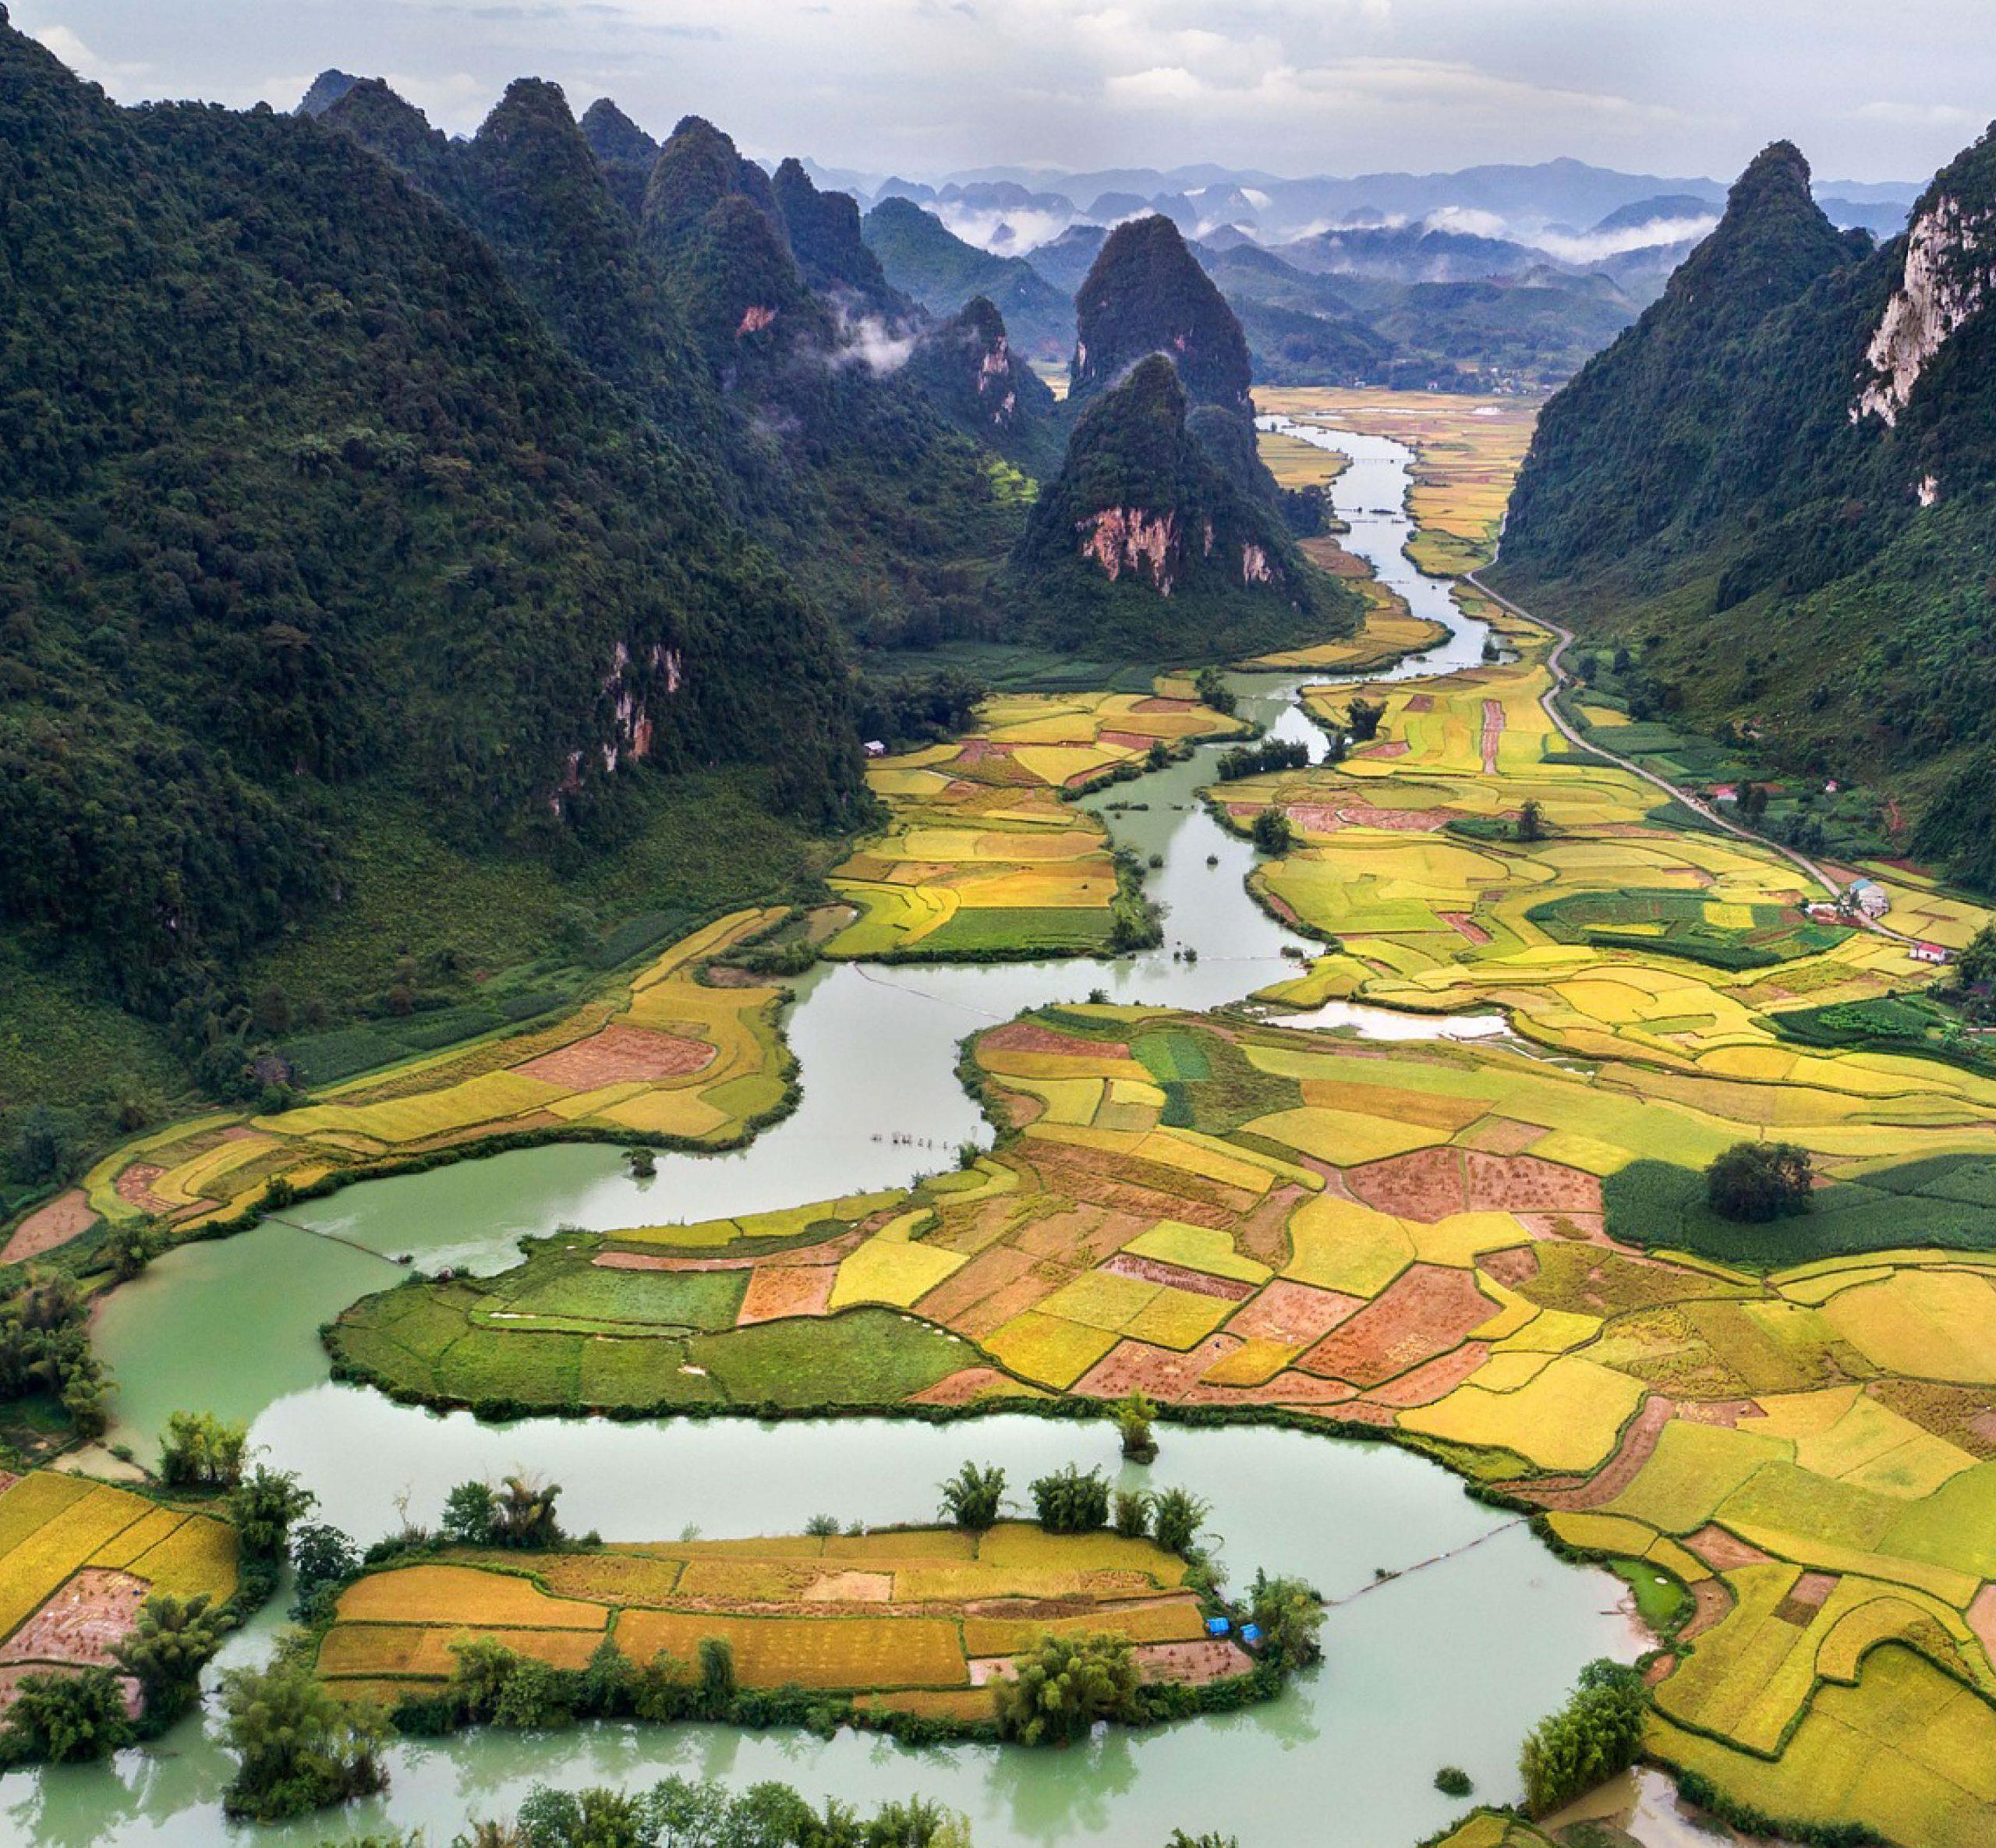 Op lustrumreis naar Vietnam met Lustrumguru